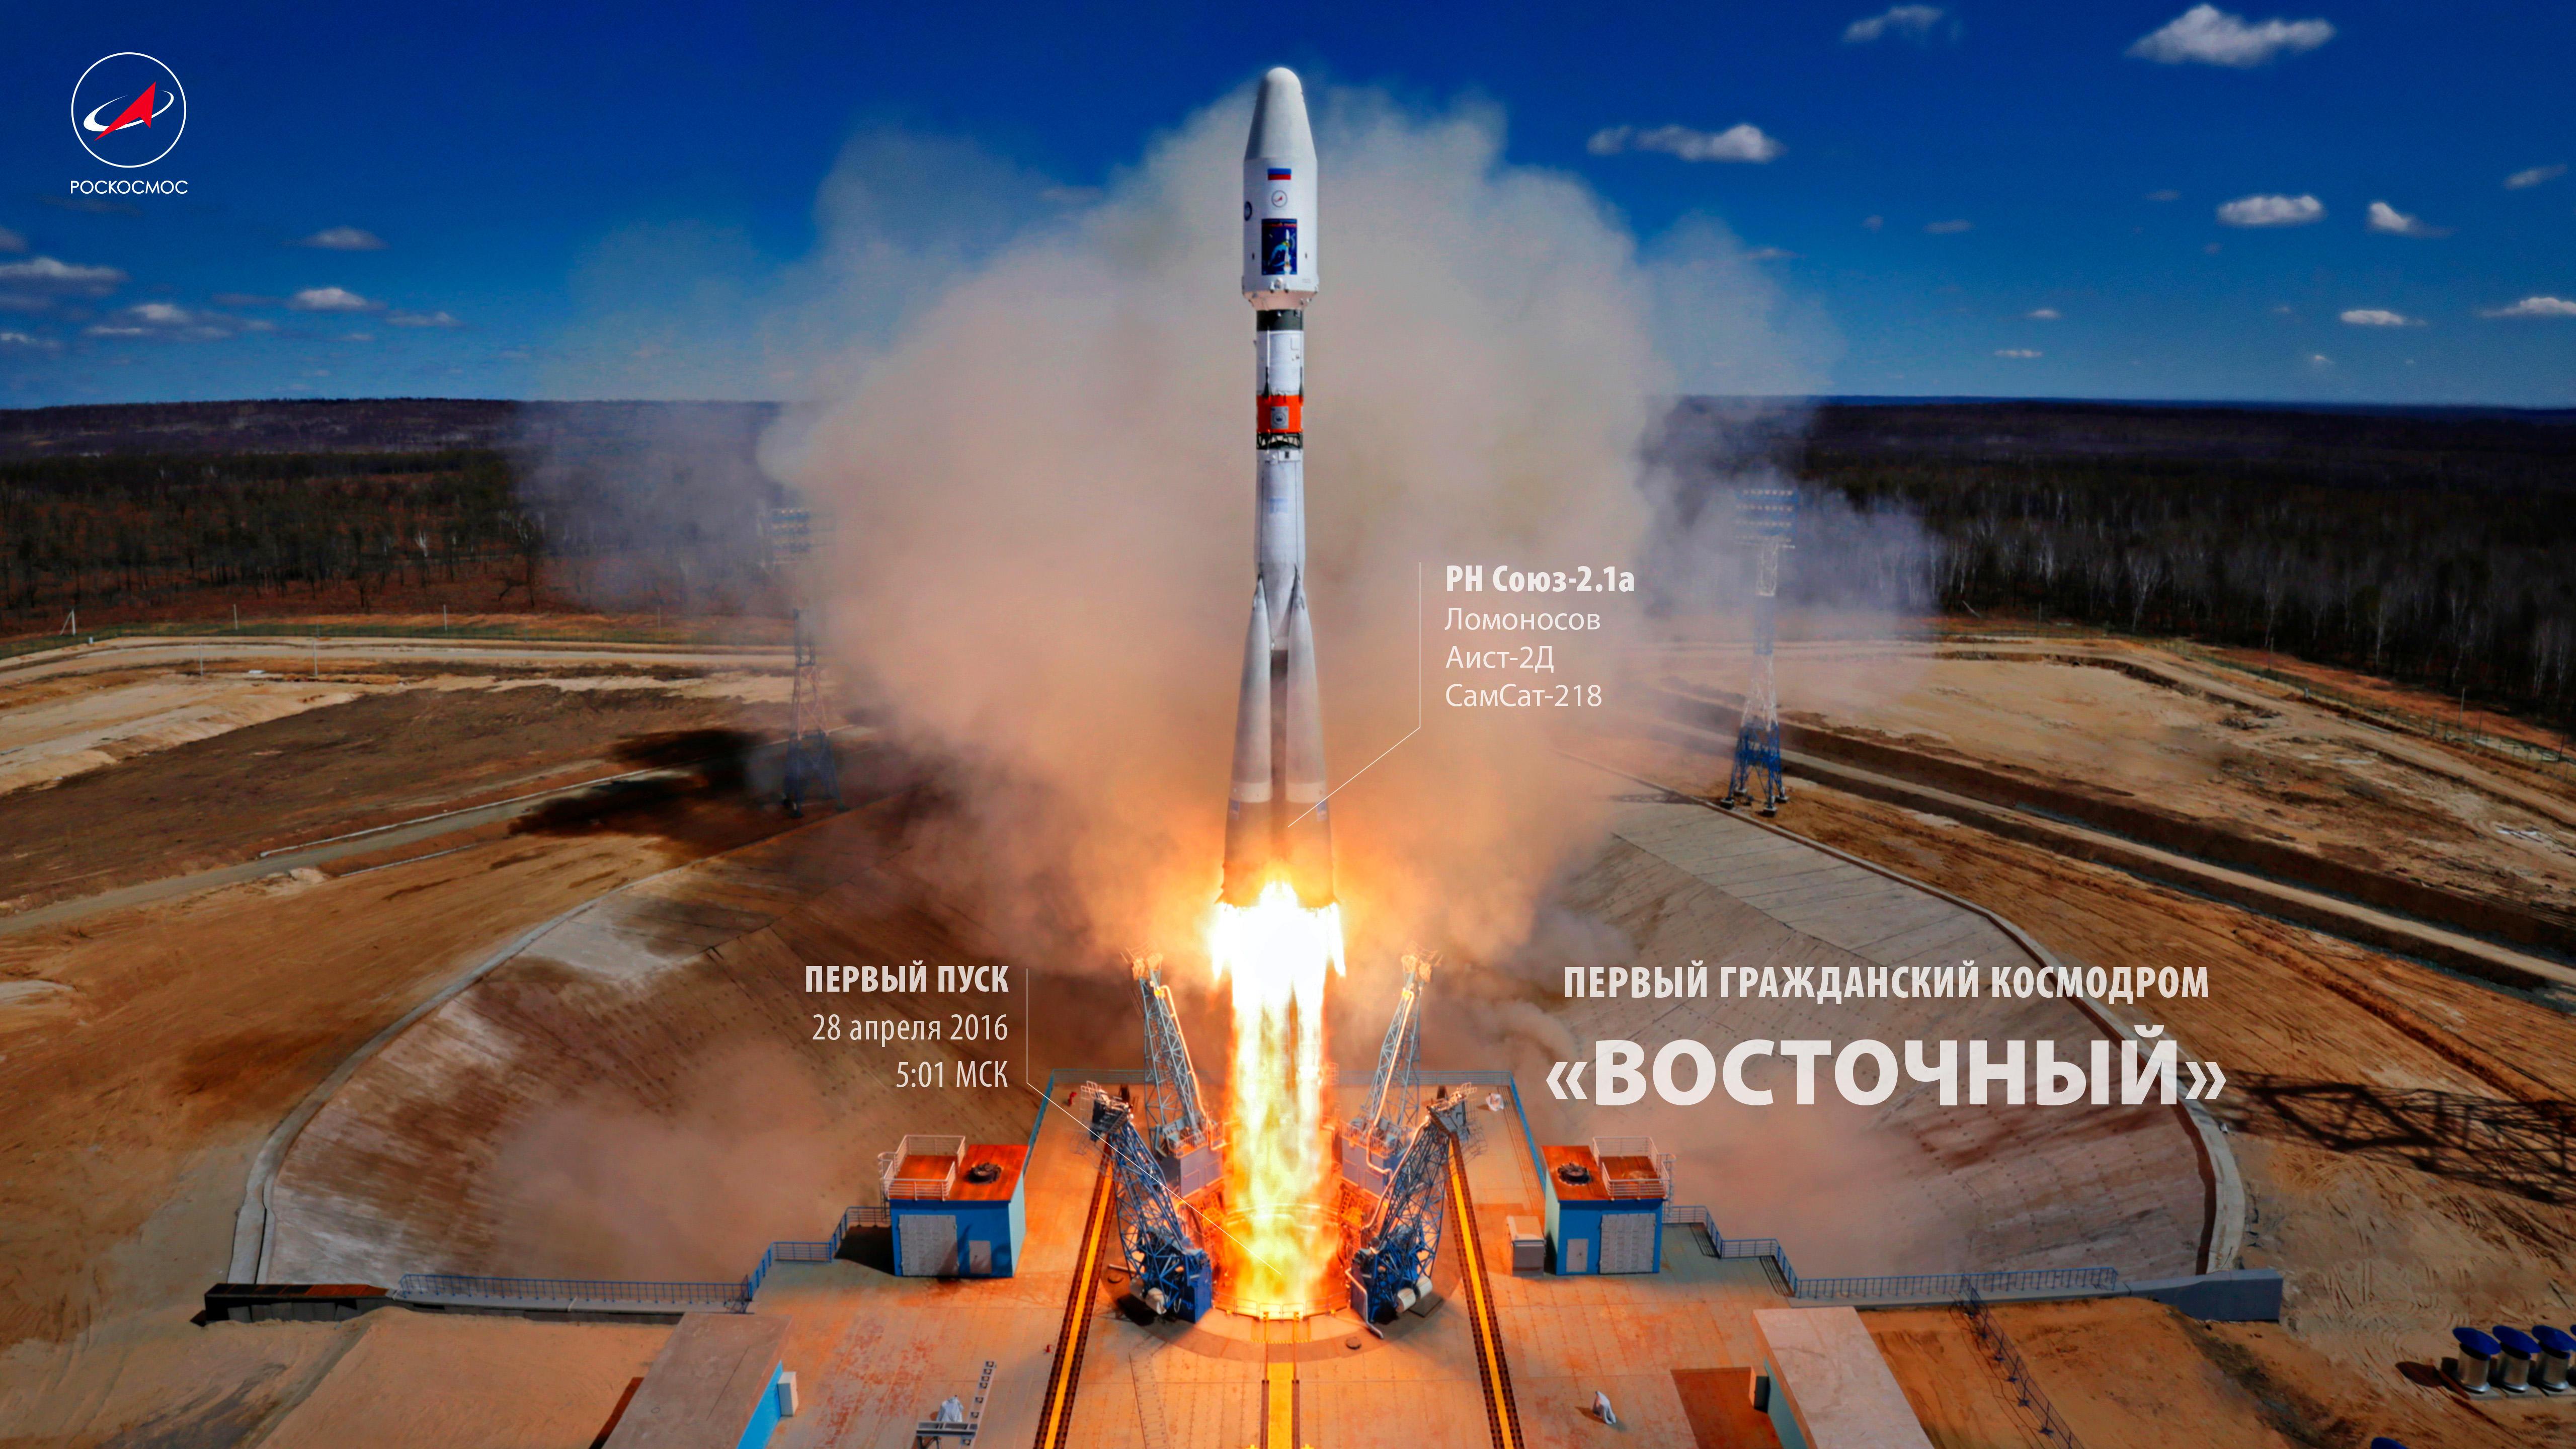 ракета, Союз, космодром, Восточный, Россия, Роскосмос, космос, старт, горизонт, небо, облака, лес, пейзаж